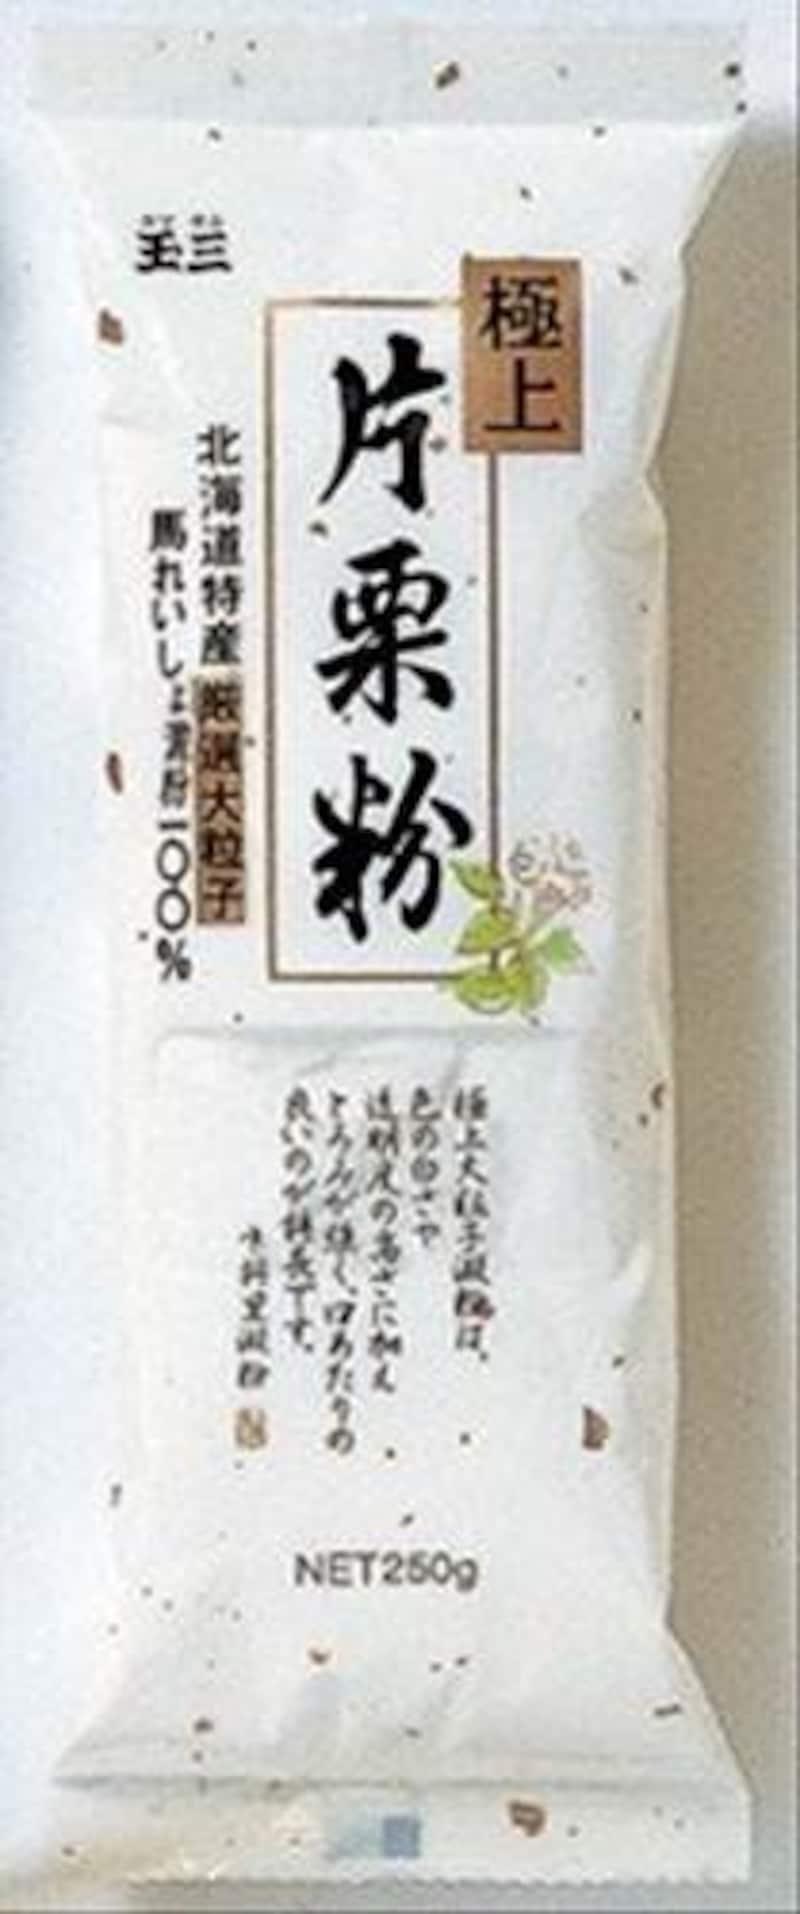 川光物産,玉三 極上 片栗粉